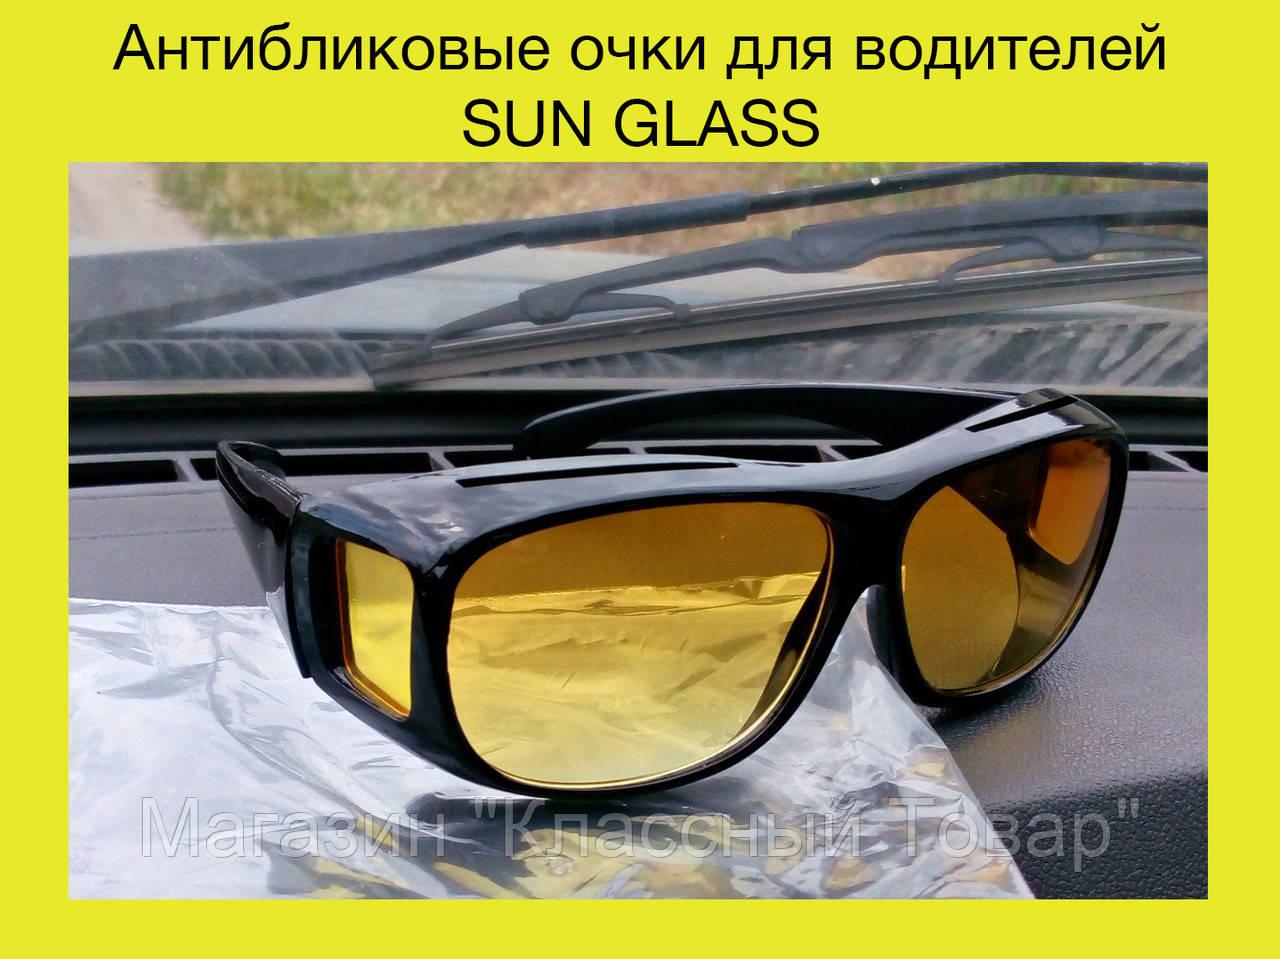 Антибликовые очки для водителей SUN GLASS!Лучший подарок